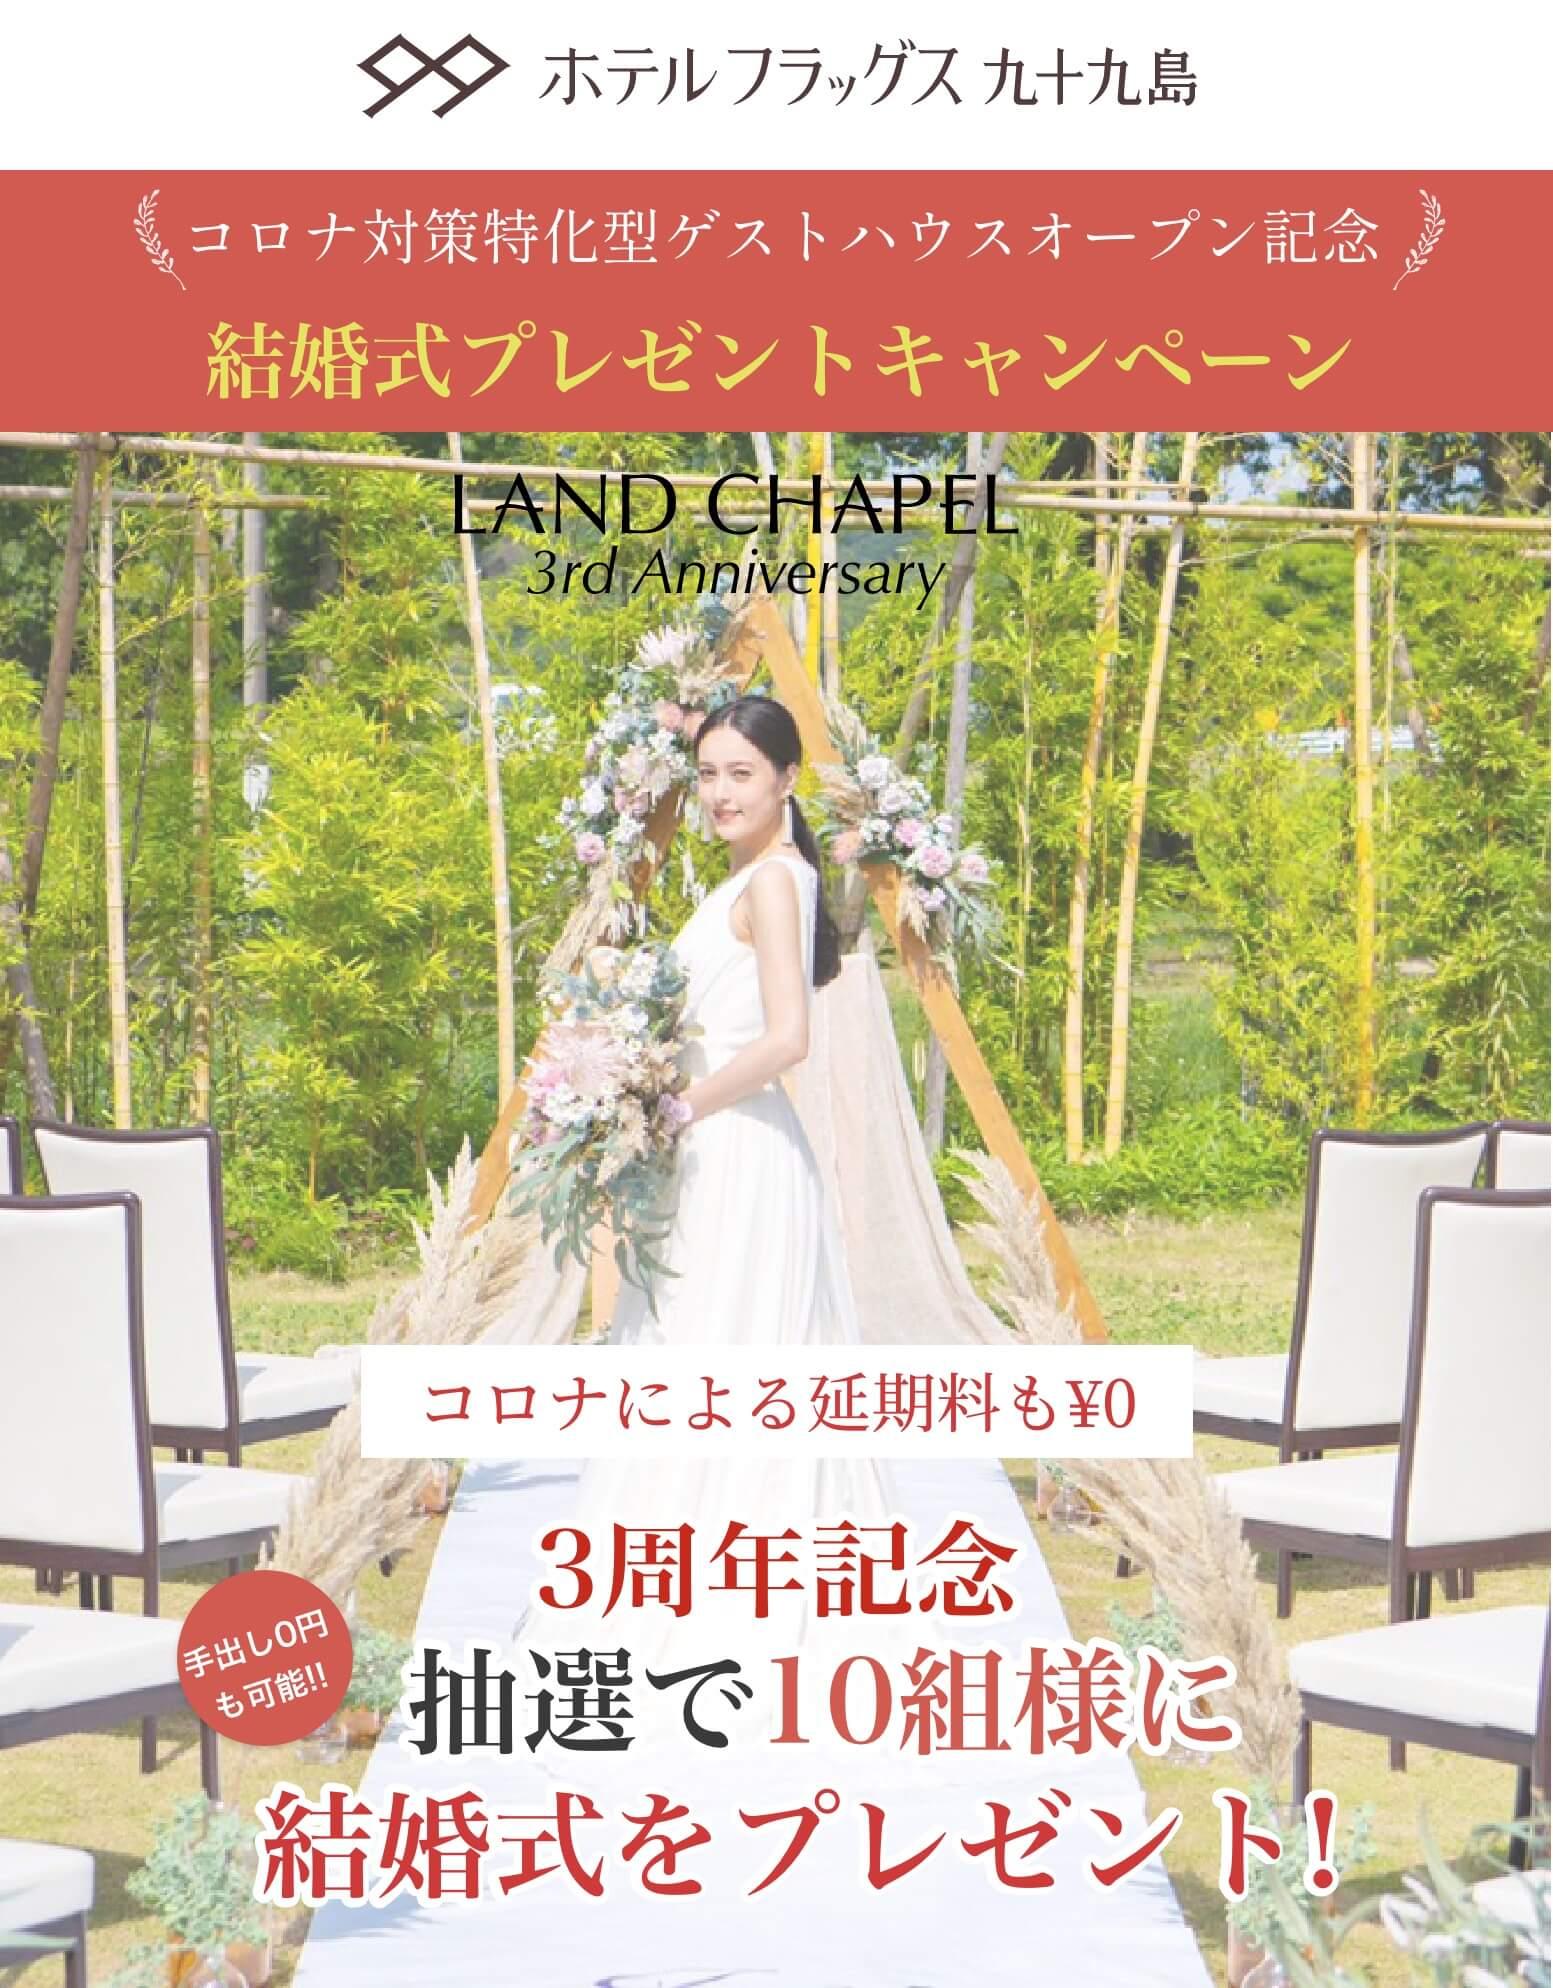 ホテルフラッグス九十九島 結婚式募集